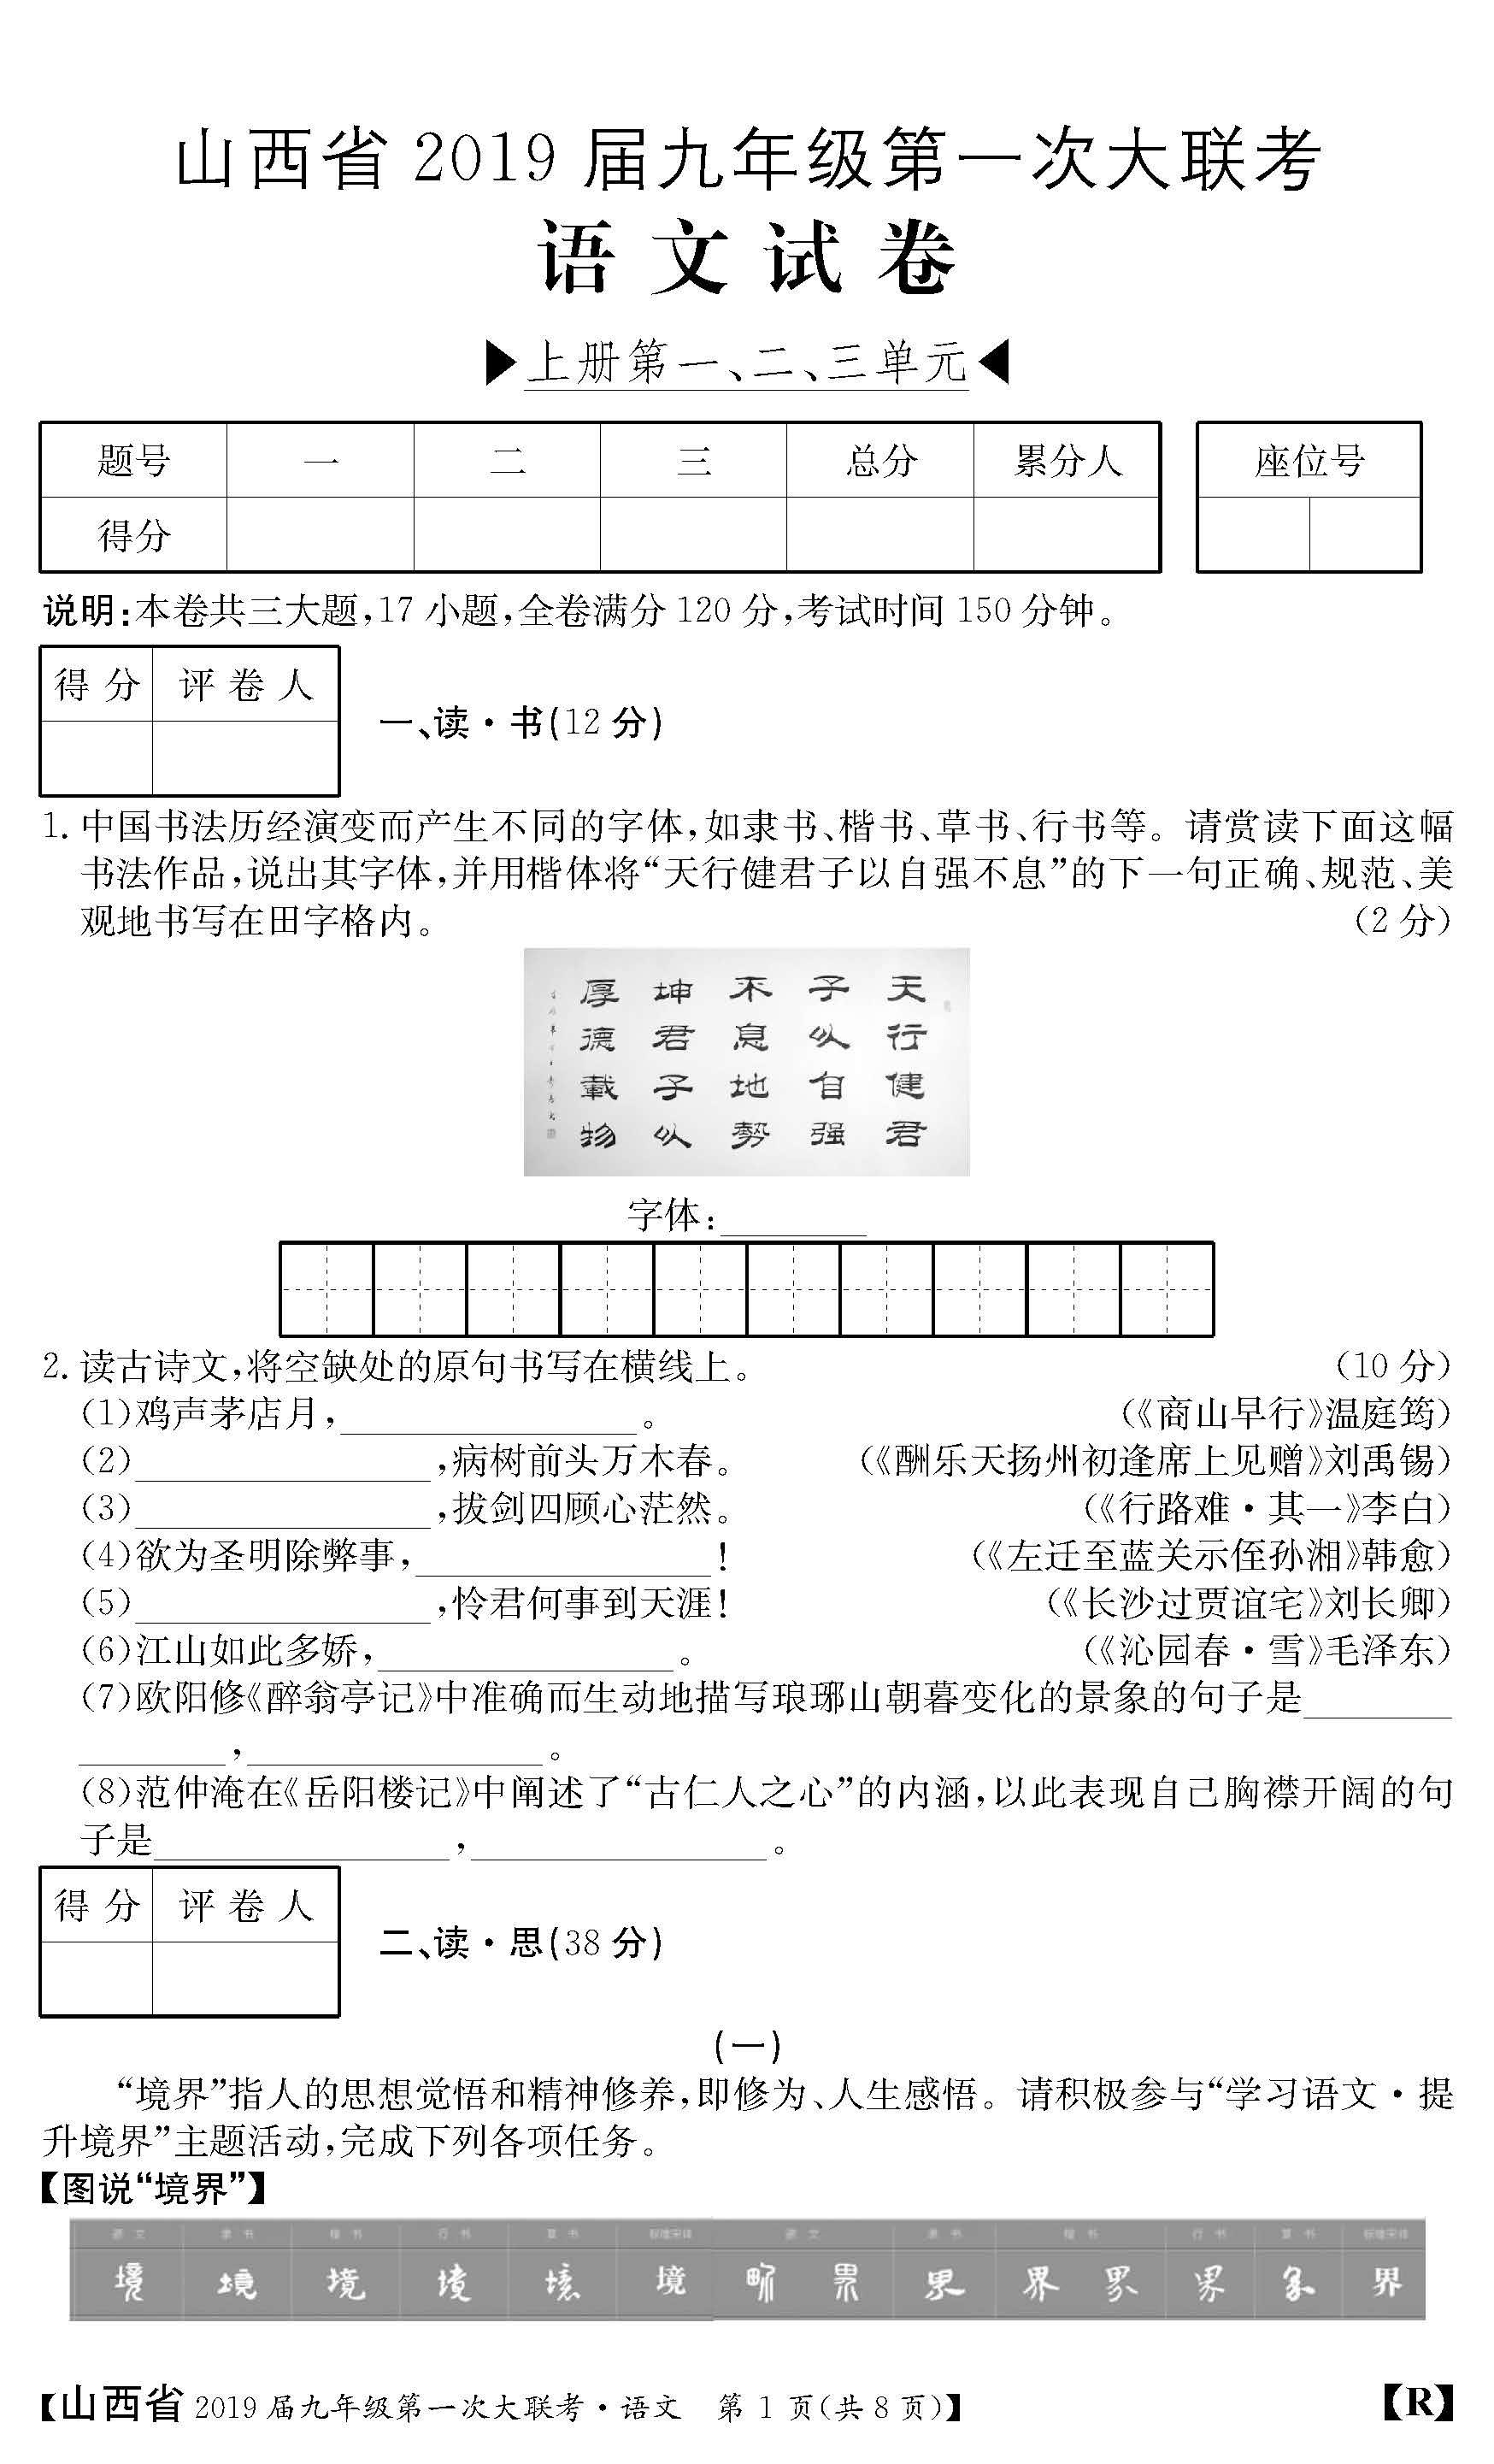 2019届山西省九年级第一次大联考语文试题及答案